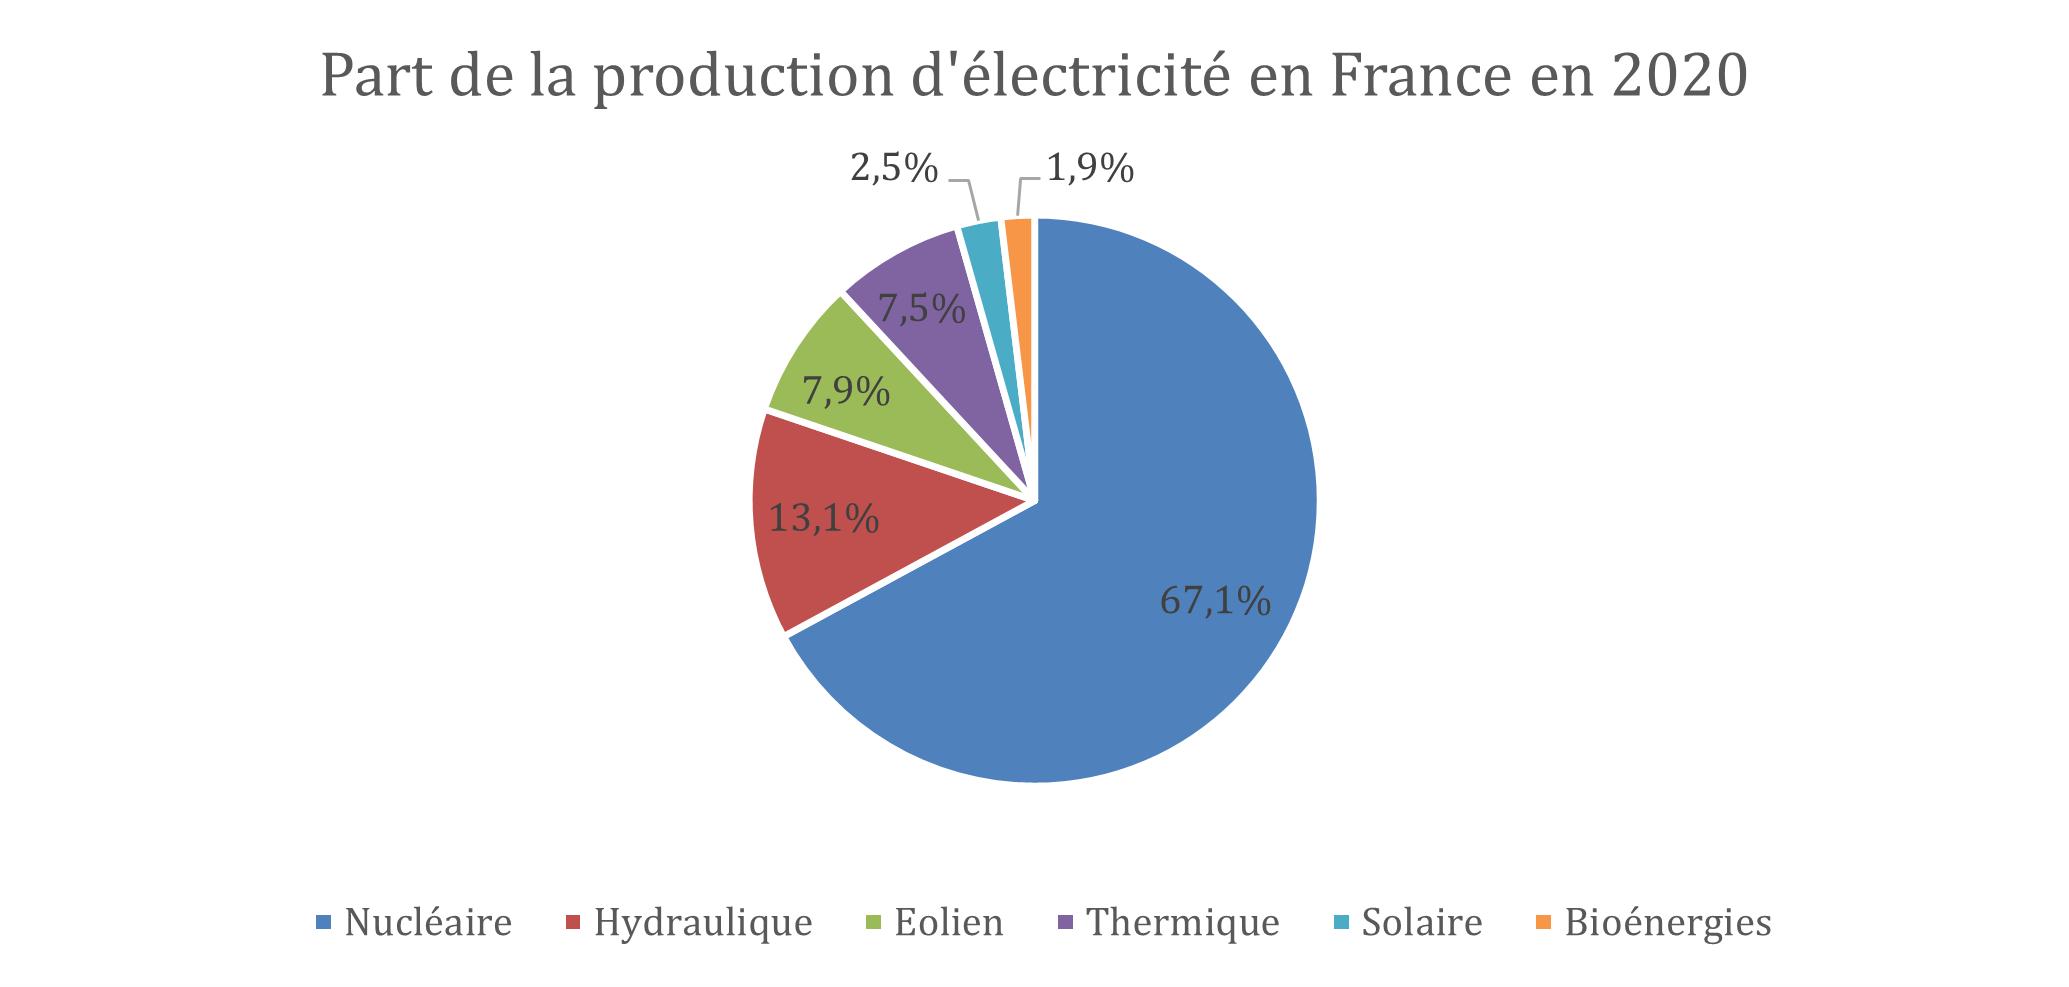 origine de la production d'électricité en France en 2020